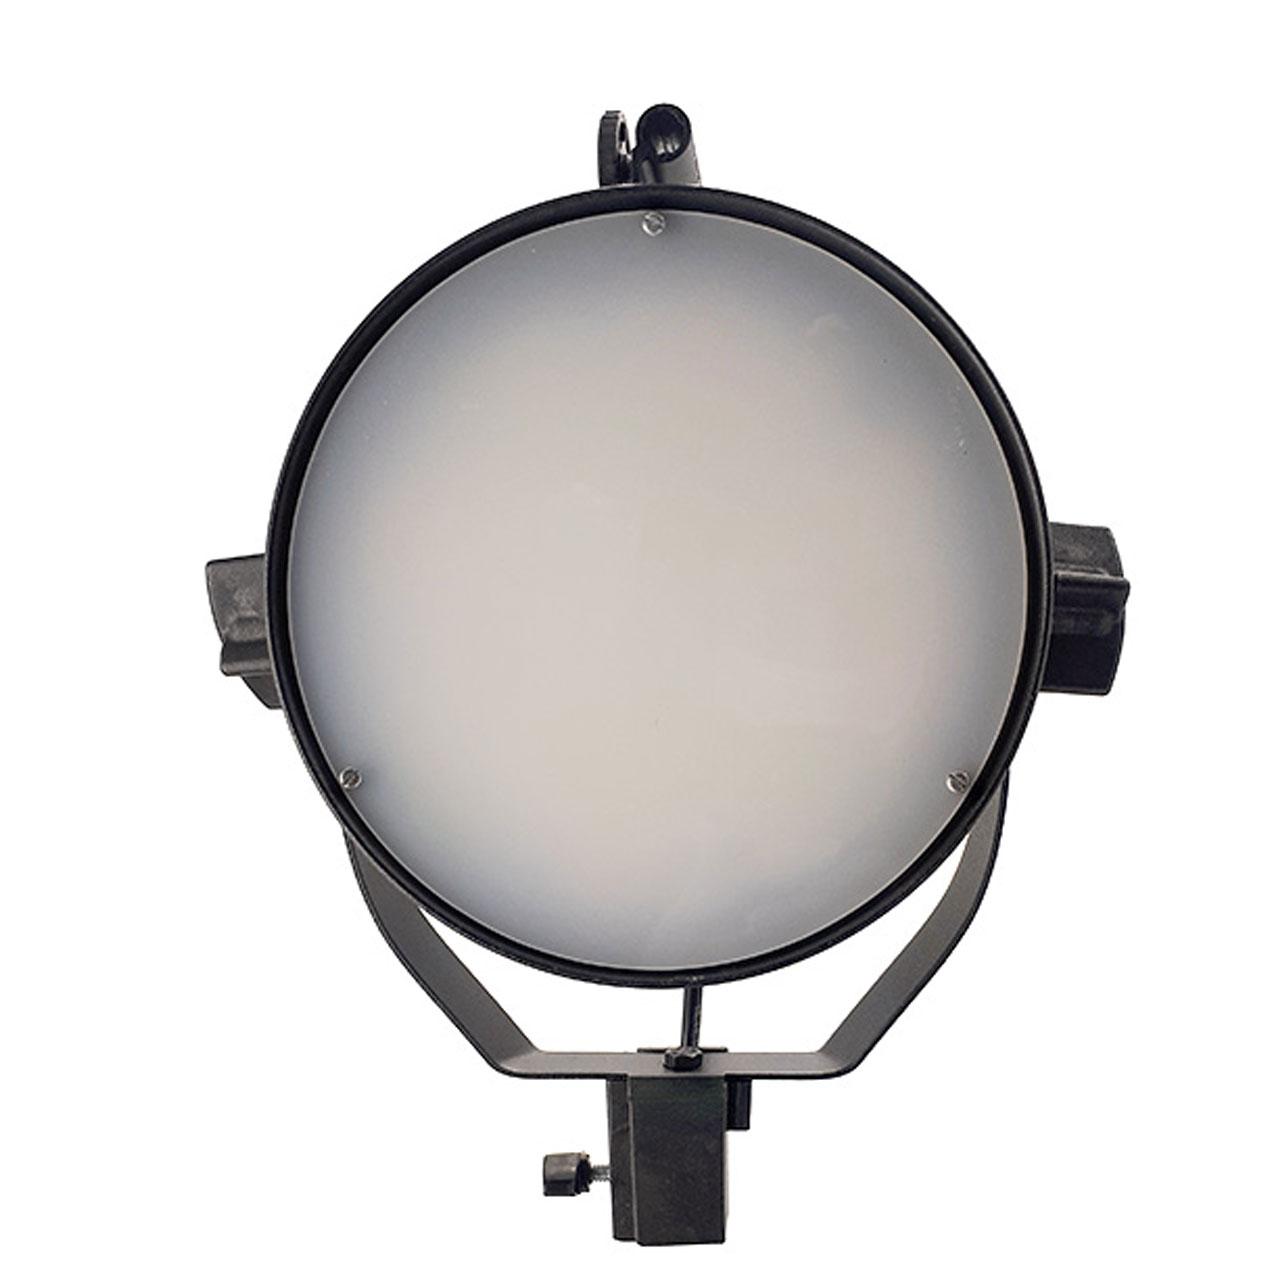 خرید اینترنتی [با تخفیف] نور ثابت پاناسون مدل S280 اورجینال